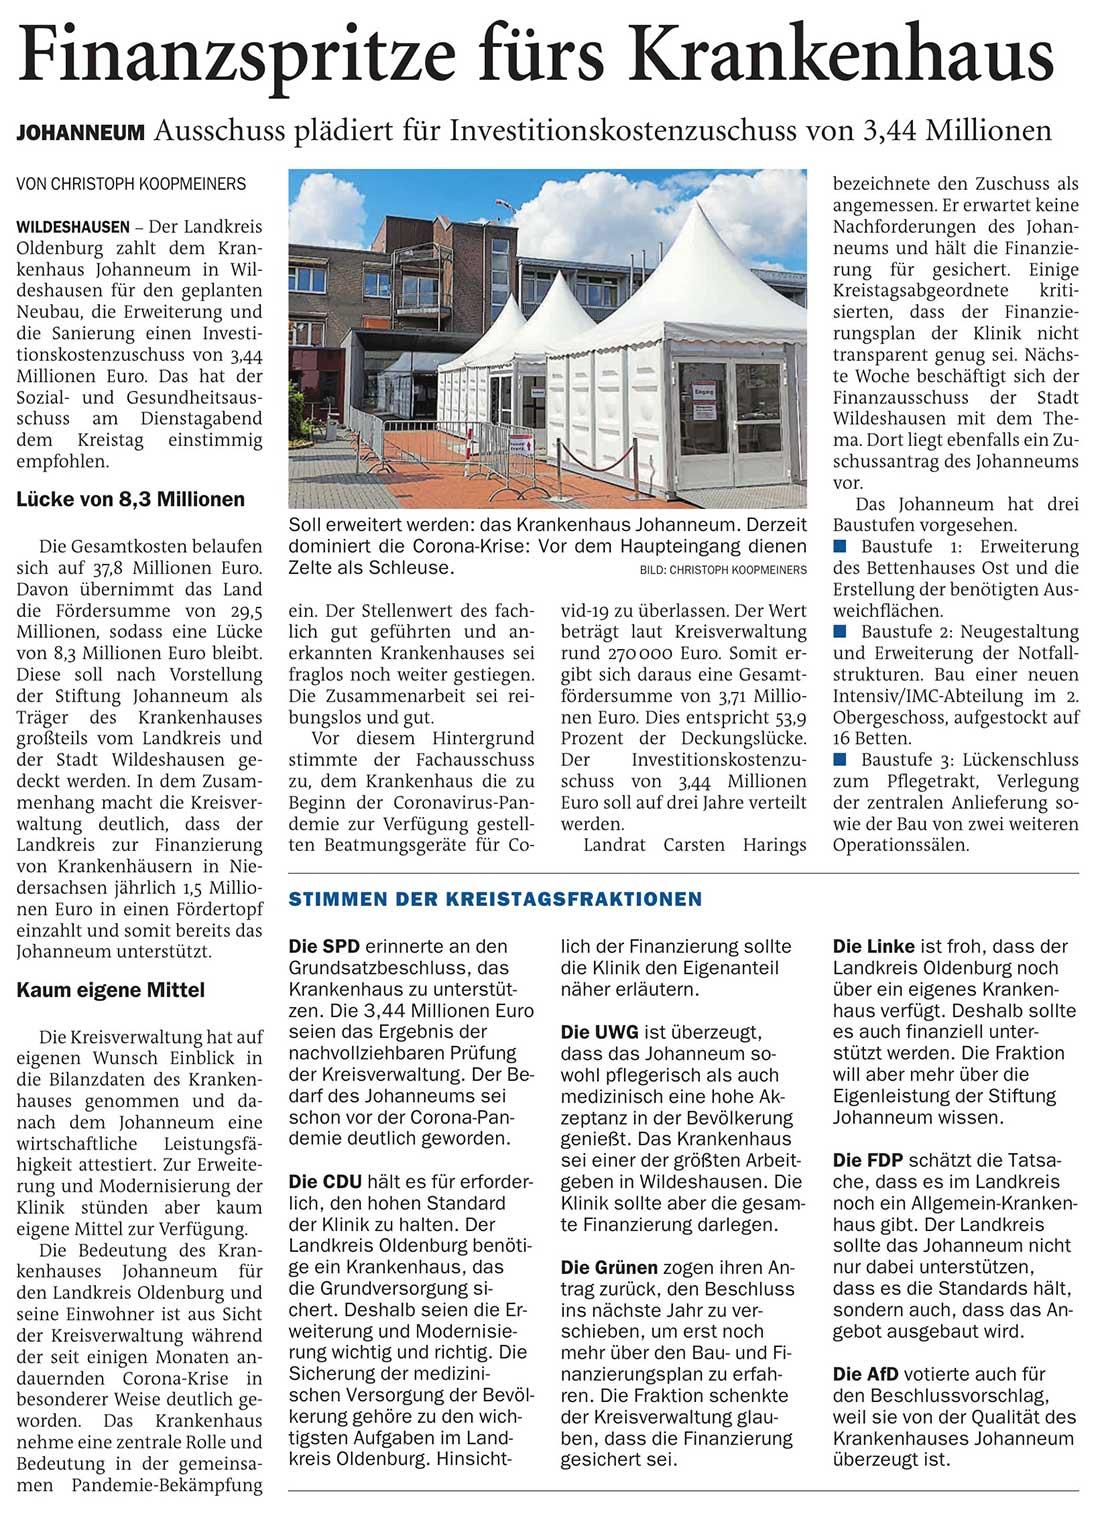 Finanzspritze fürs KrankenhausJohanneum: Ausschuss plädiert für Investitionskostenzuschuss von 3,44 MillionenArtikel vom 18.11.2020 (NWZ)